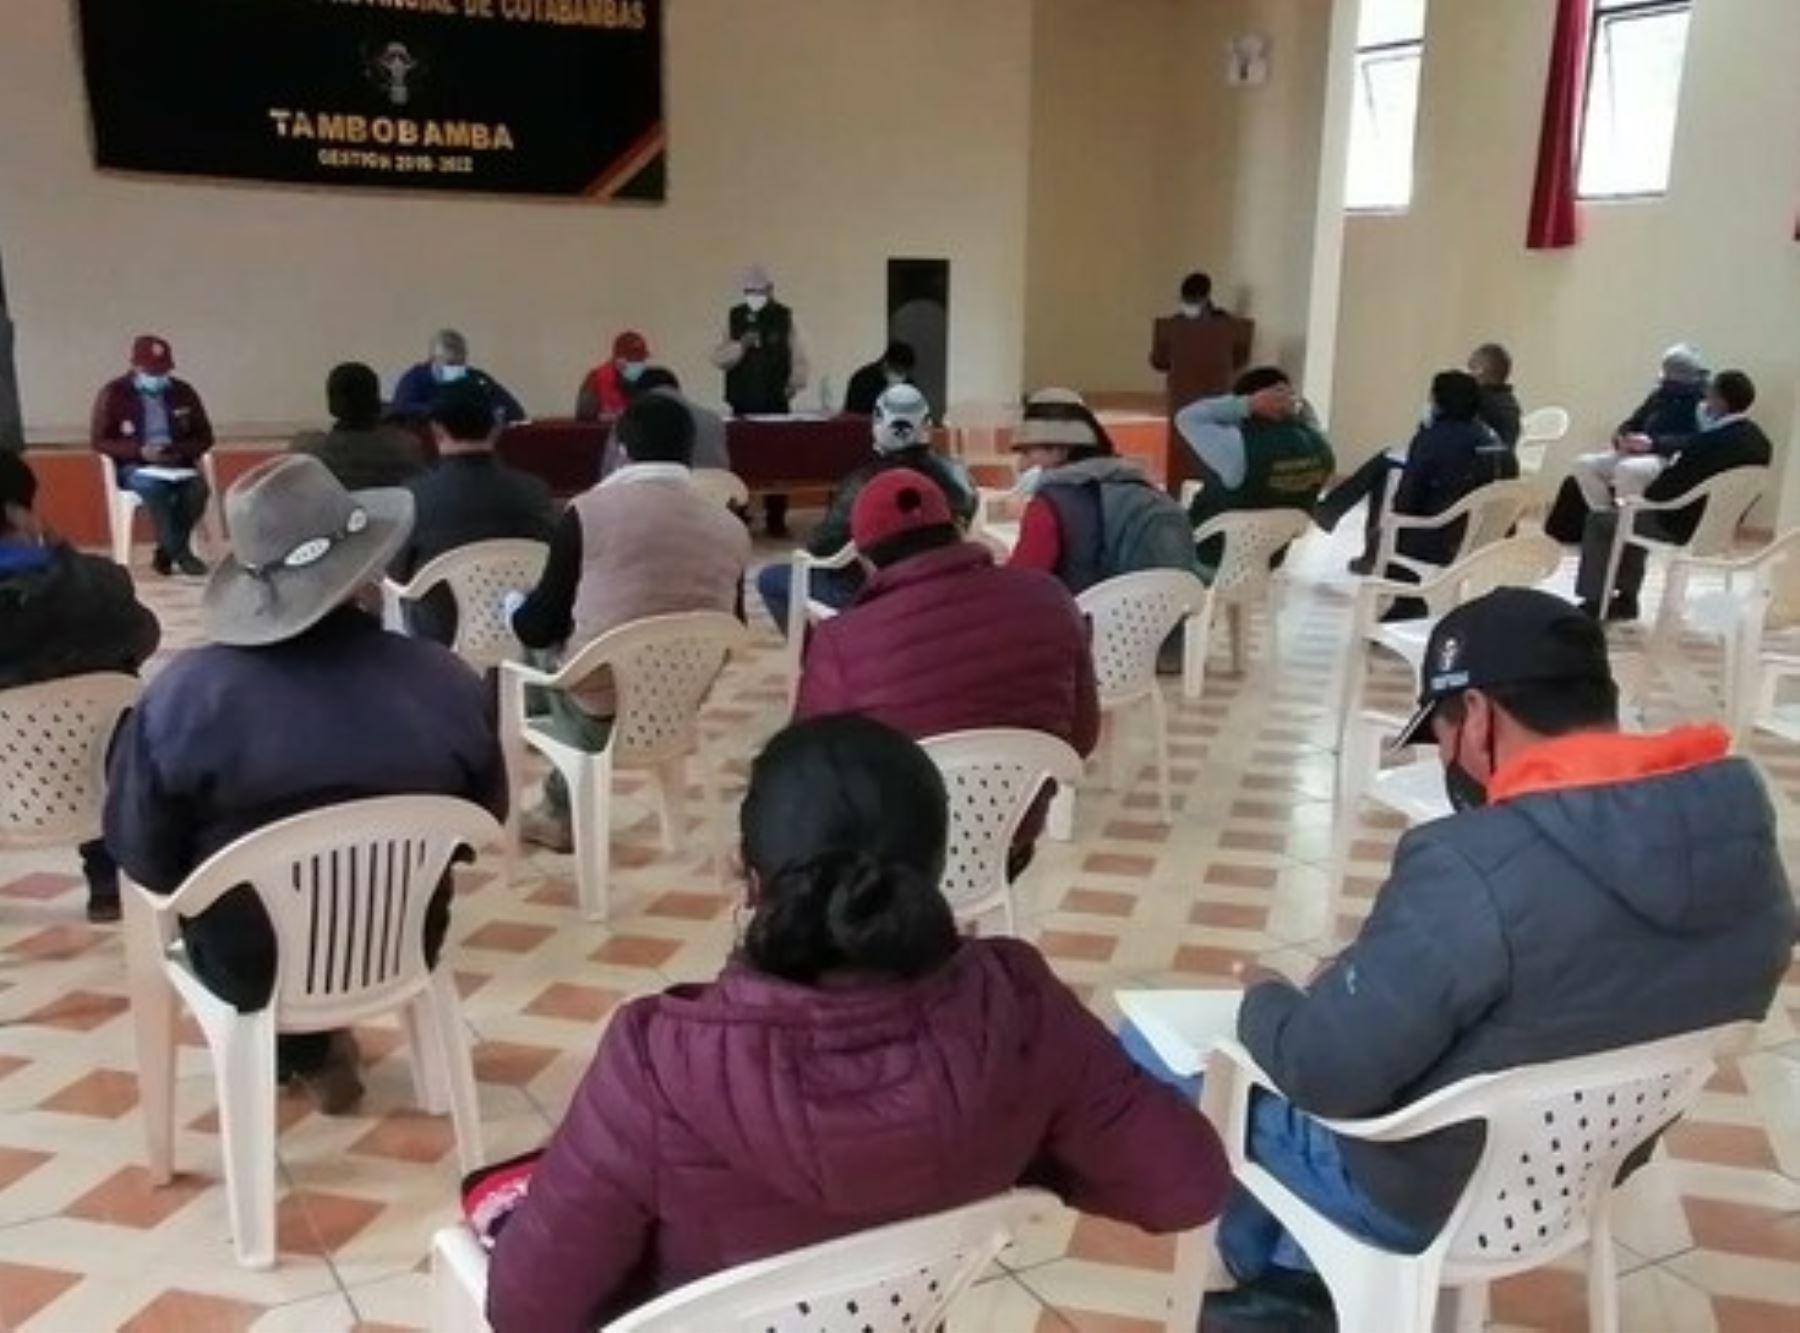 Representantes del Minem informan sobre inversiones en Apurímac y el canon minero a dirigentes de las provincias de Cotabambas y Grau como parte del proceso de diálogo para garantizar el tránsito en el Corredor Vial Sur.